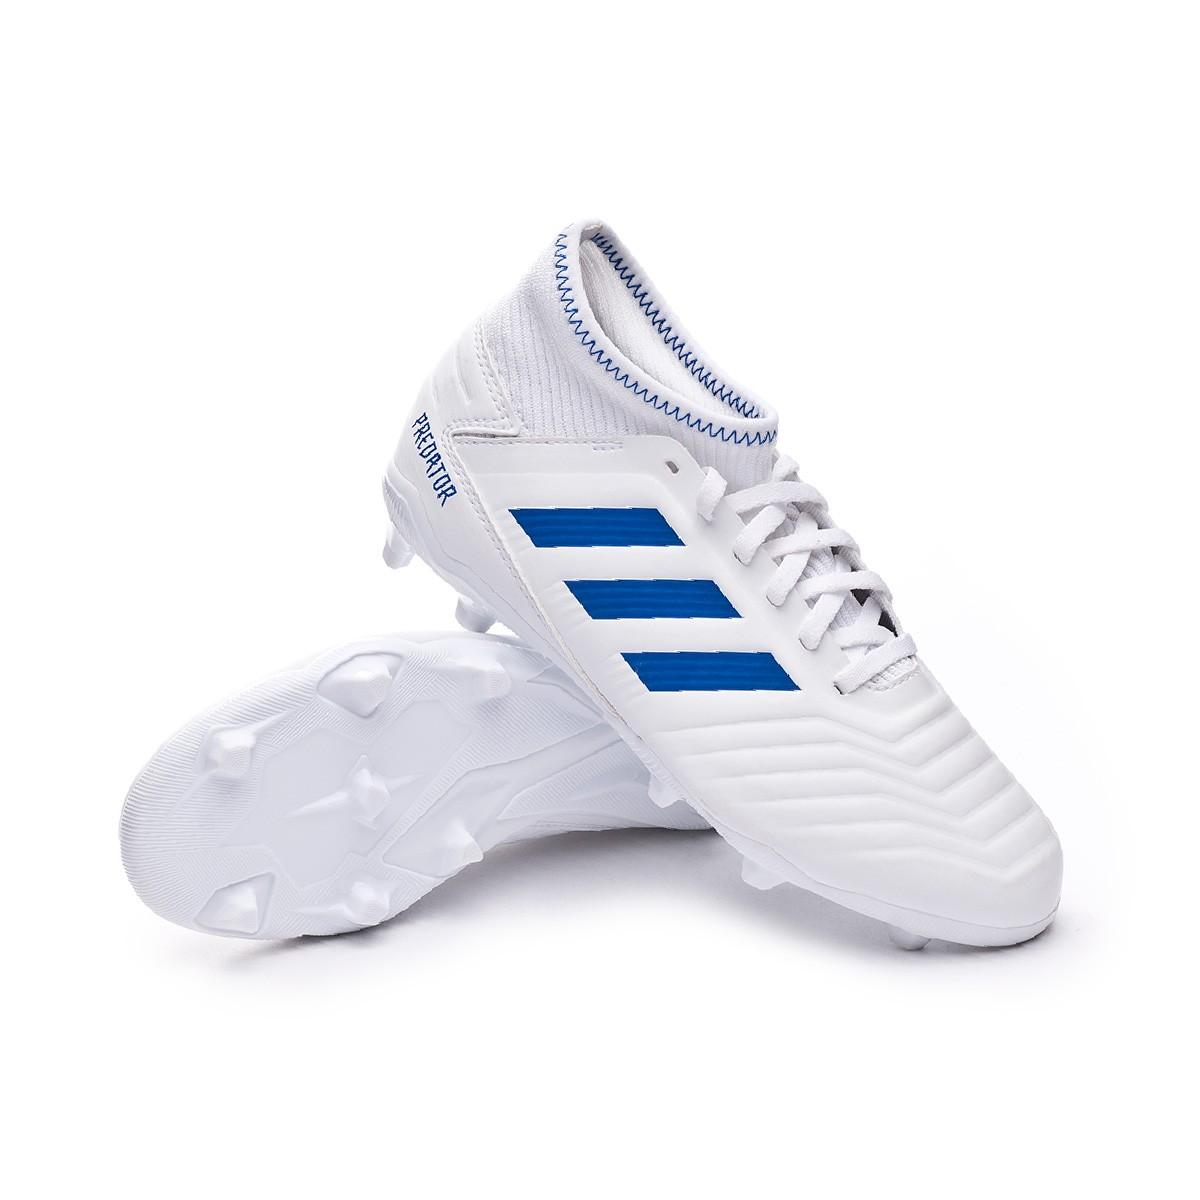 56b02bb58 Chuteira adidas Predator 19.3 FG Crianças White-Bold blue - Loja de futebol  Fútbol Emotion